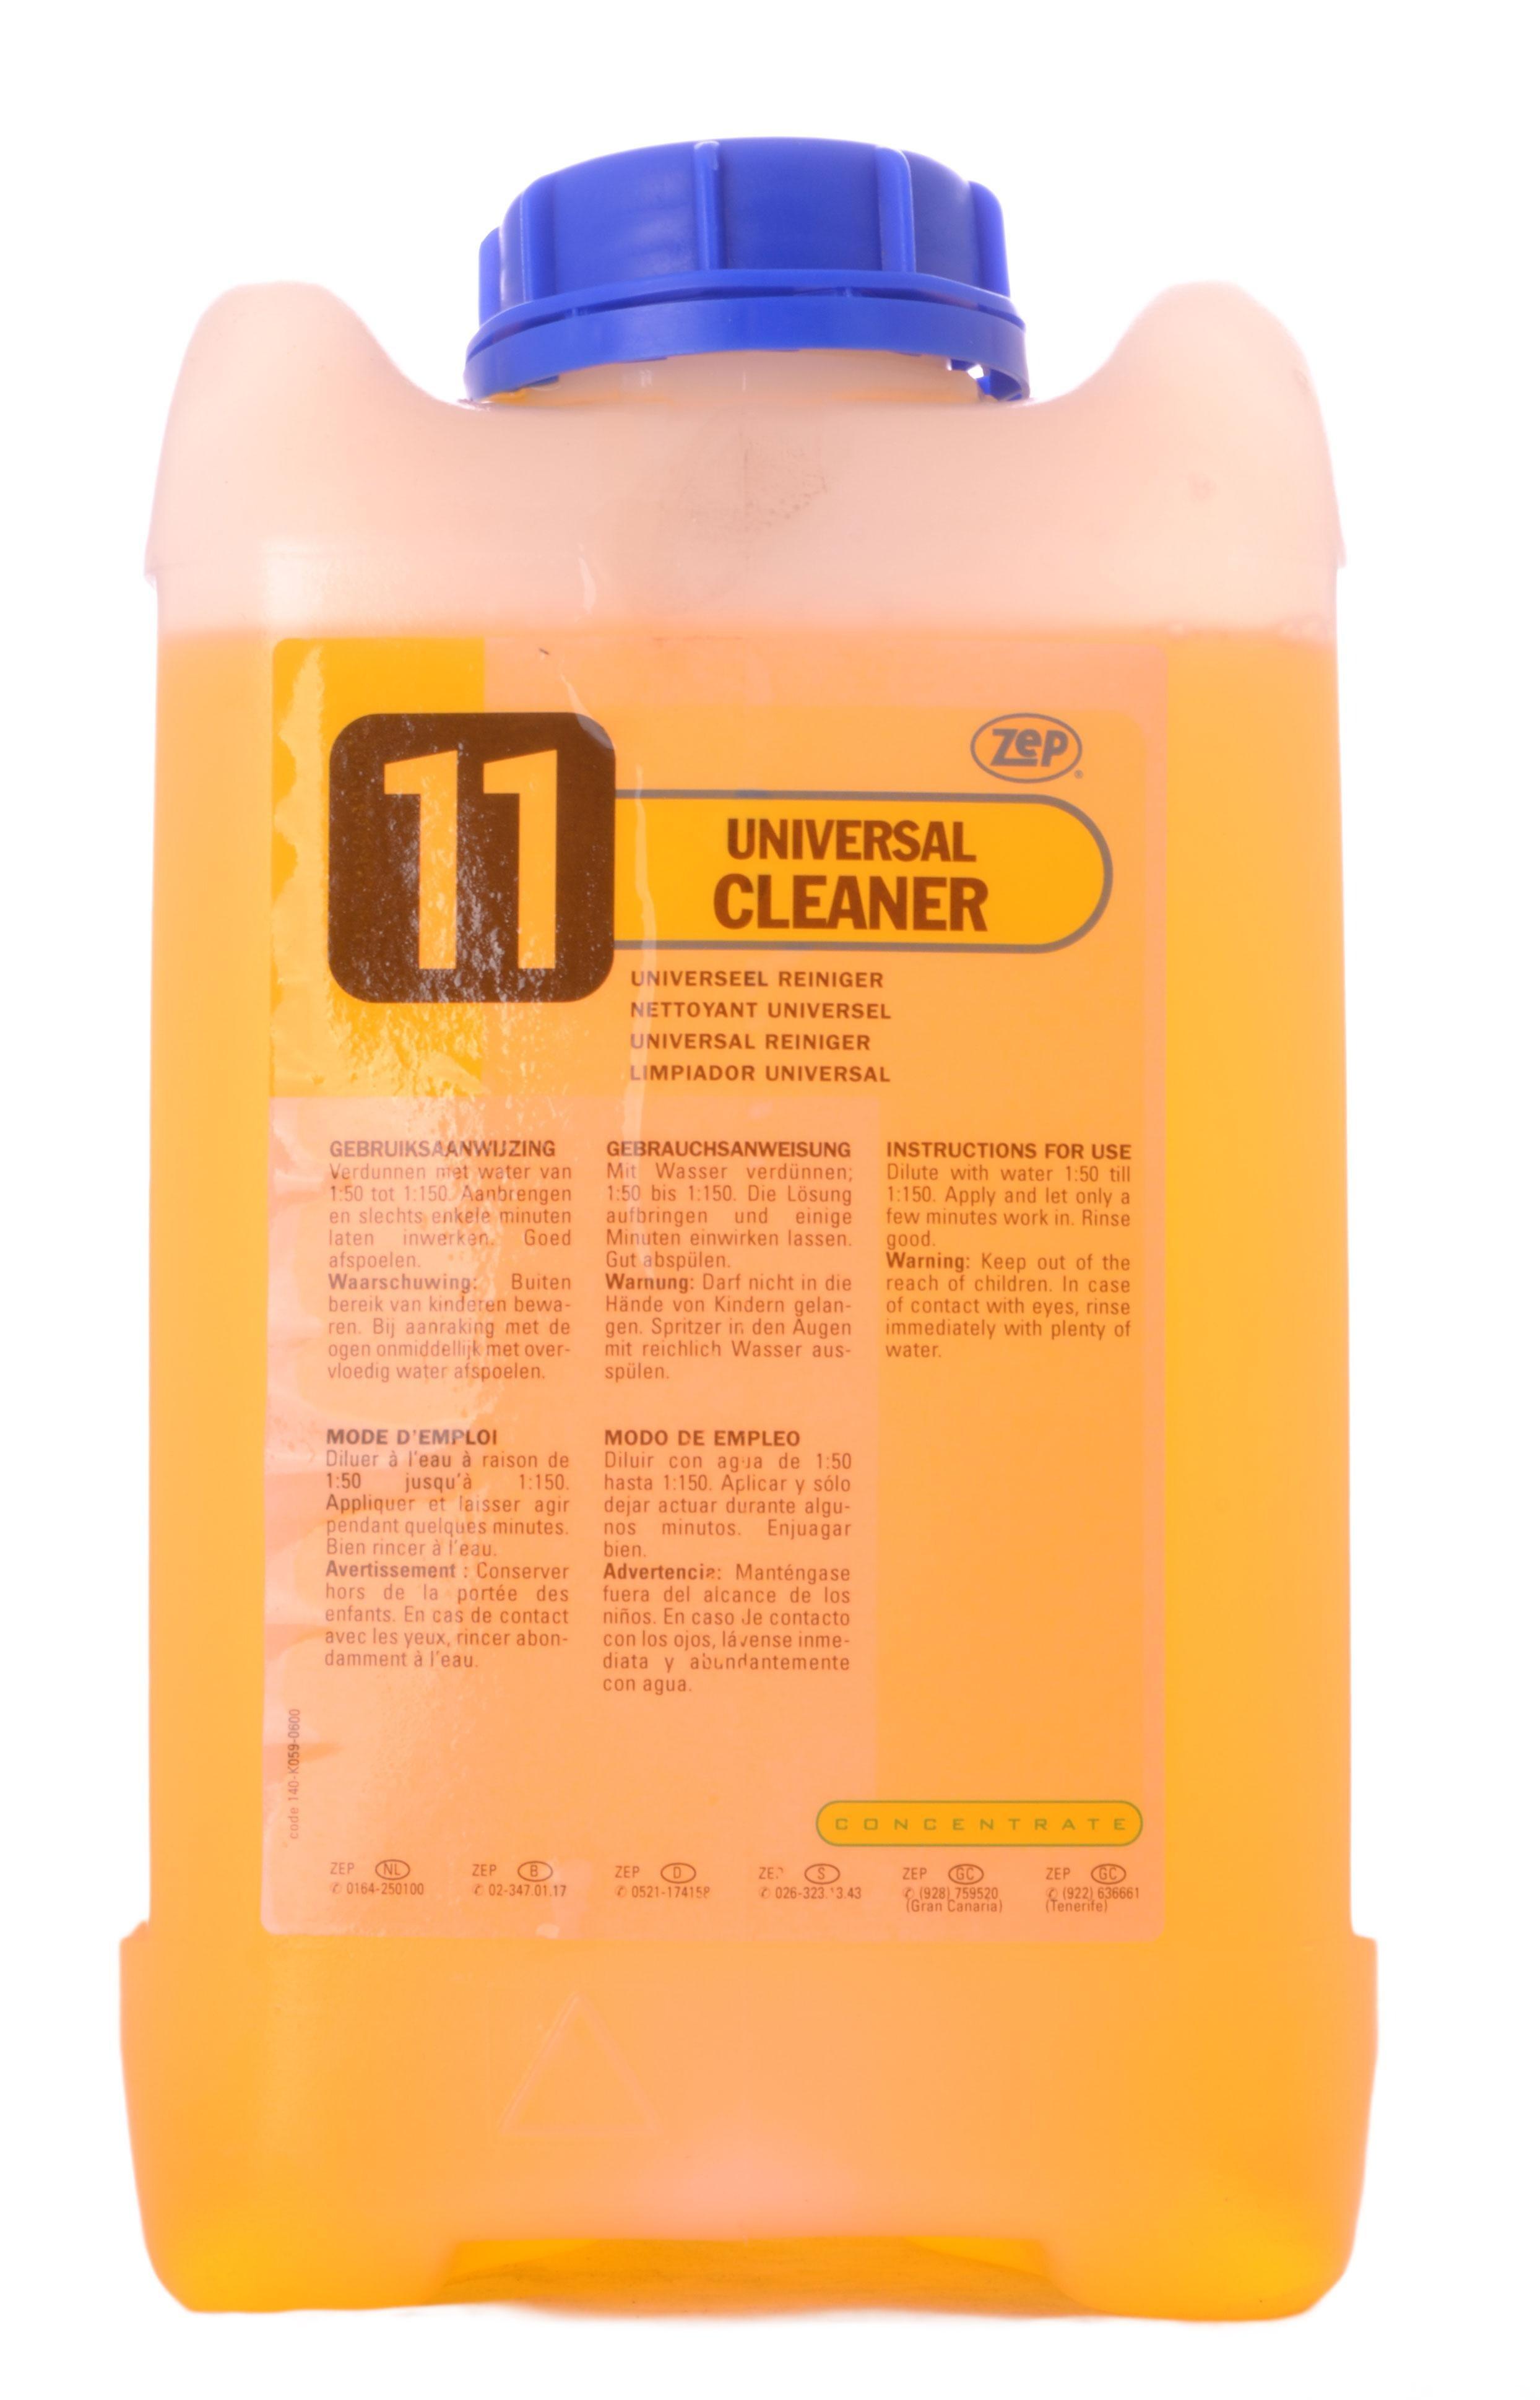 ZEP Universal Cleaner 11 5L geconcentreerd allesreiniger